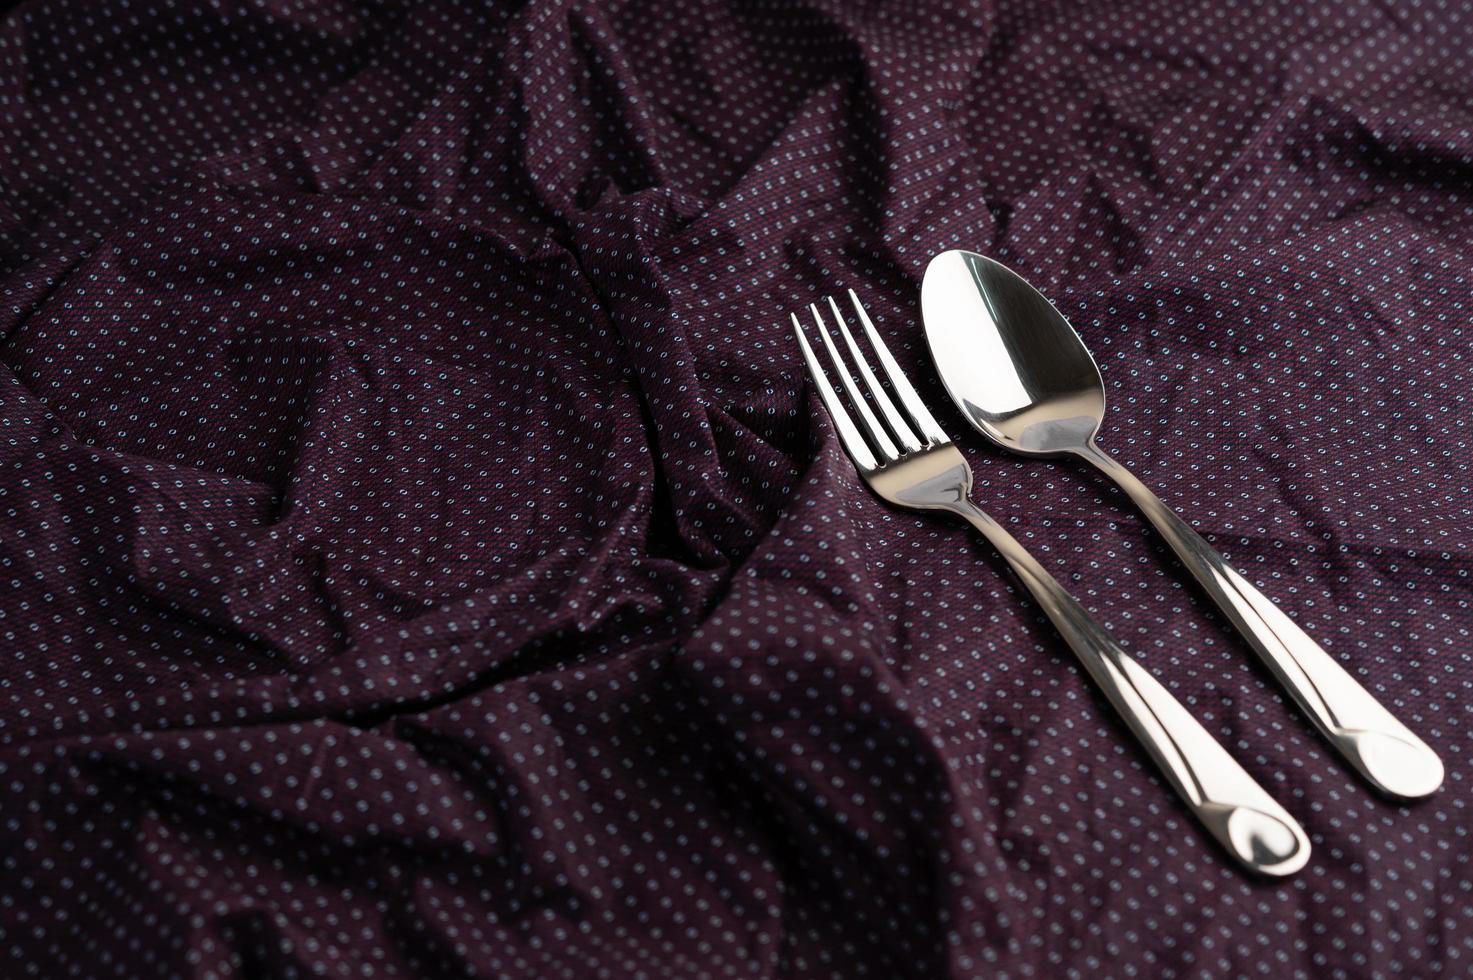 cuillère et fourchette placées sur un chiffon froissé photo